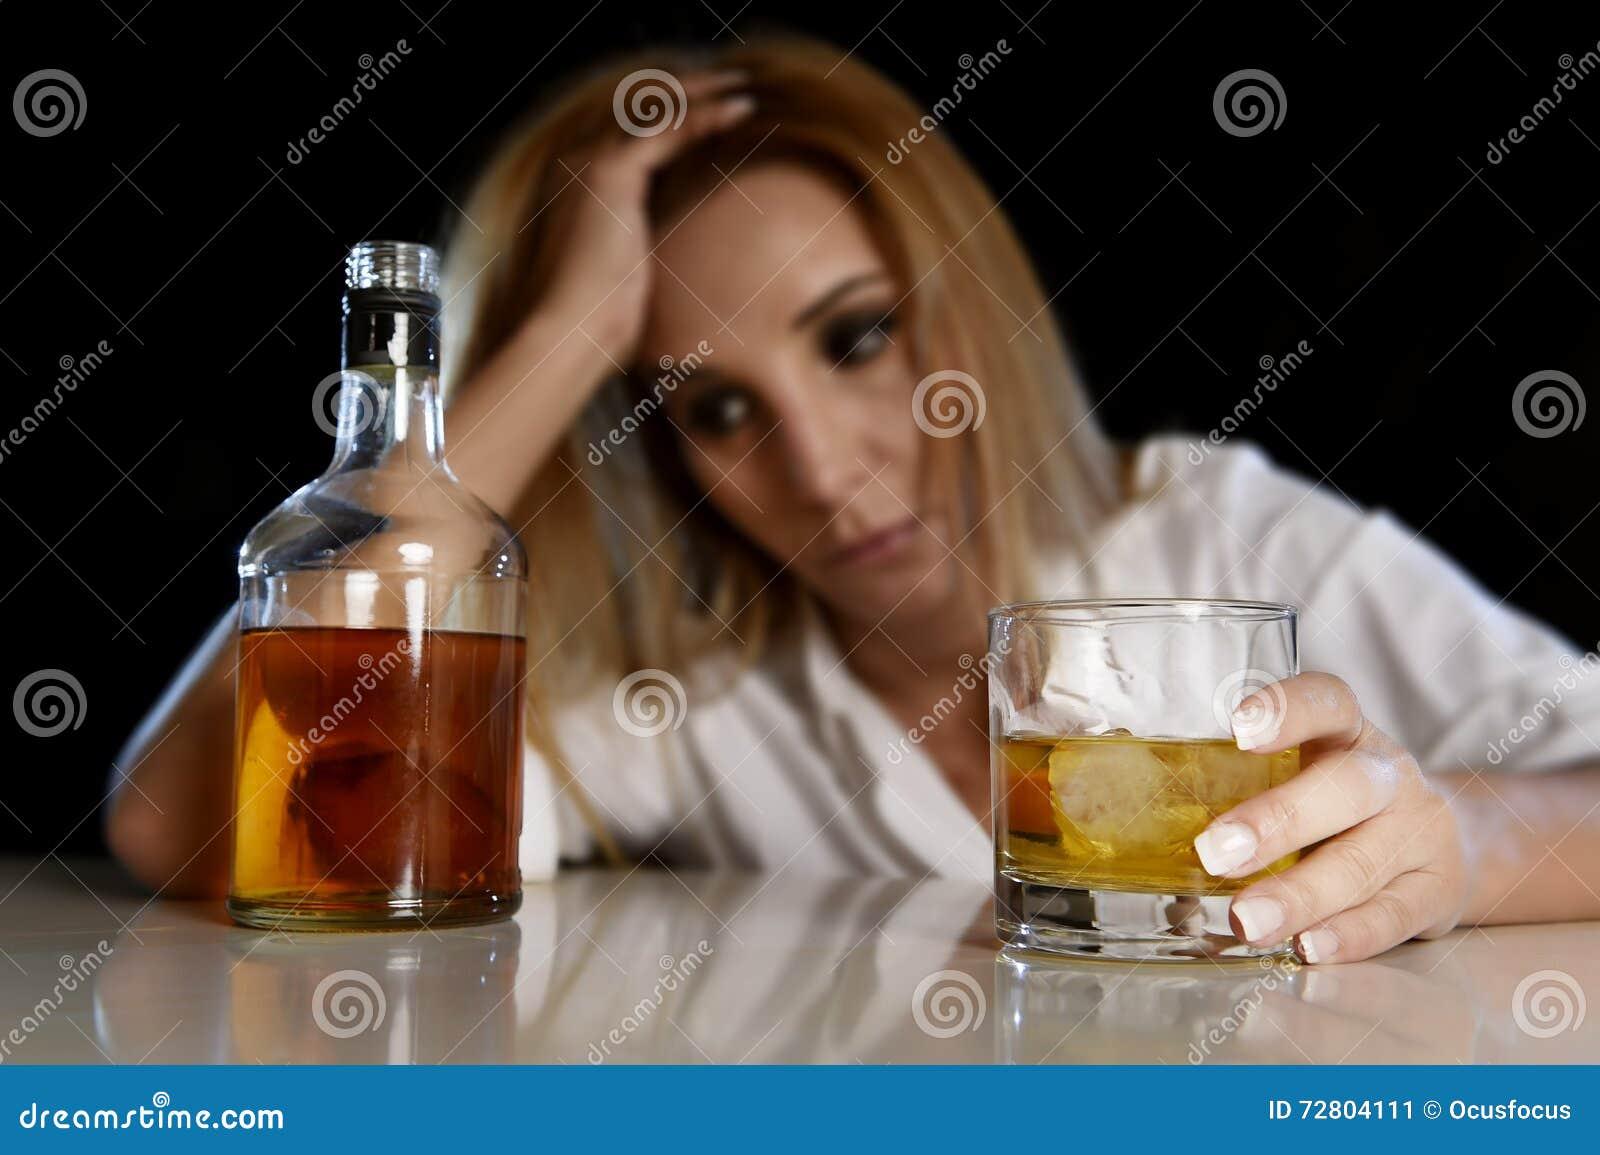 De dronken alcoholische vrouw verspilde en drukte het glas van de holdings Schotse whisky kijkend in nadenkend aan fles